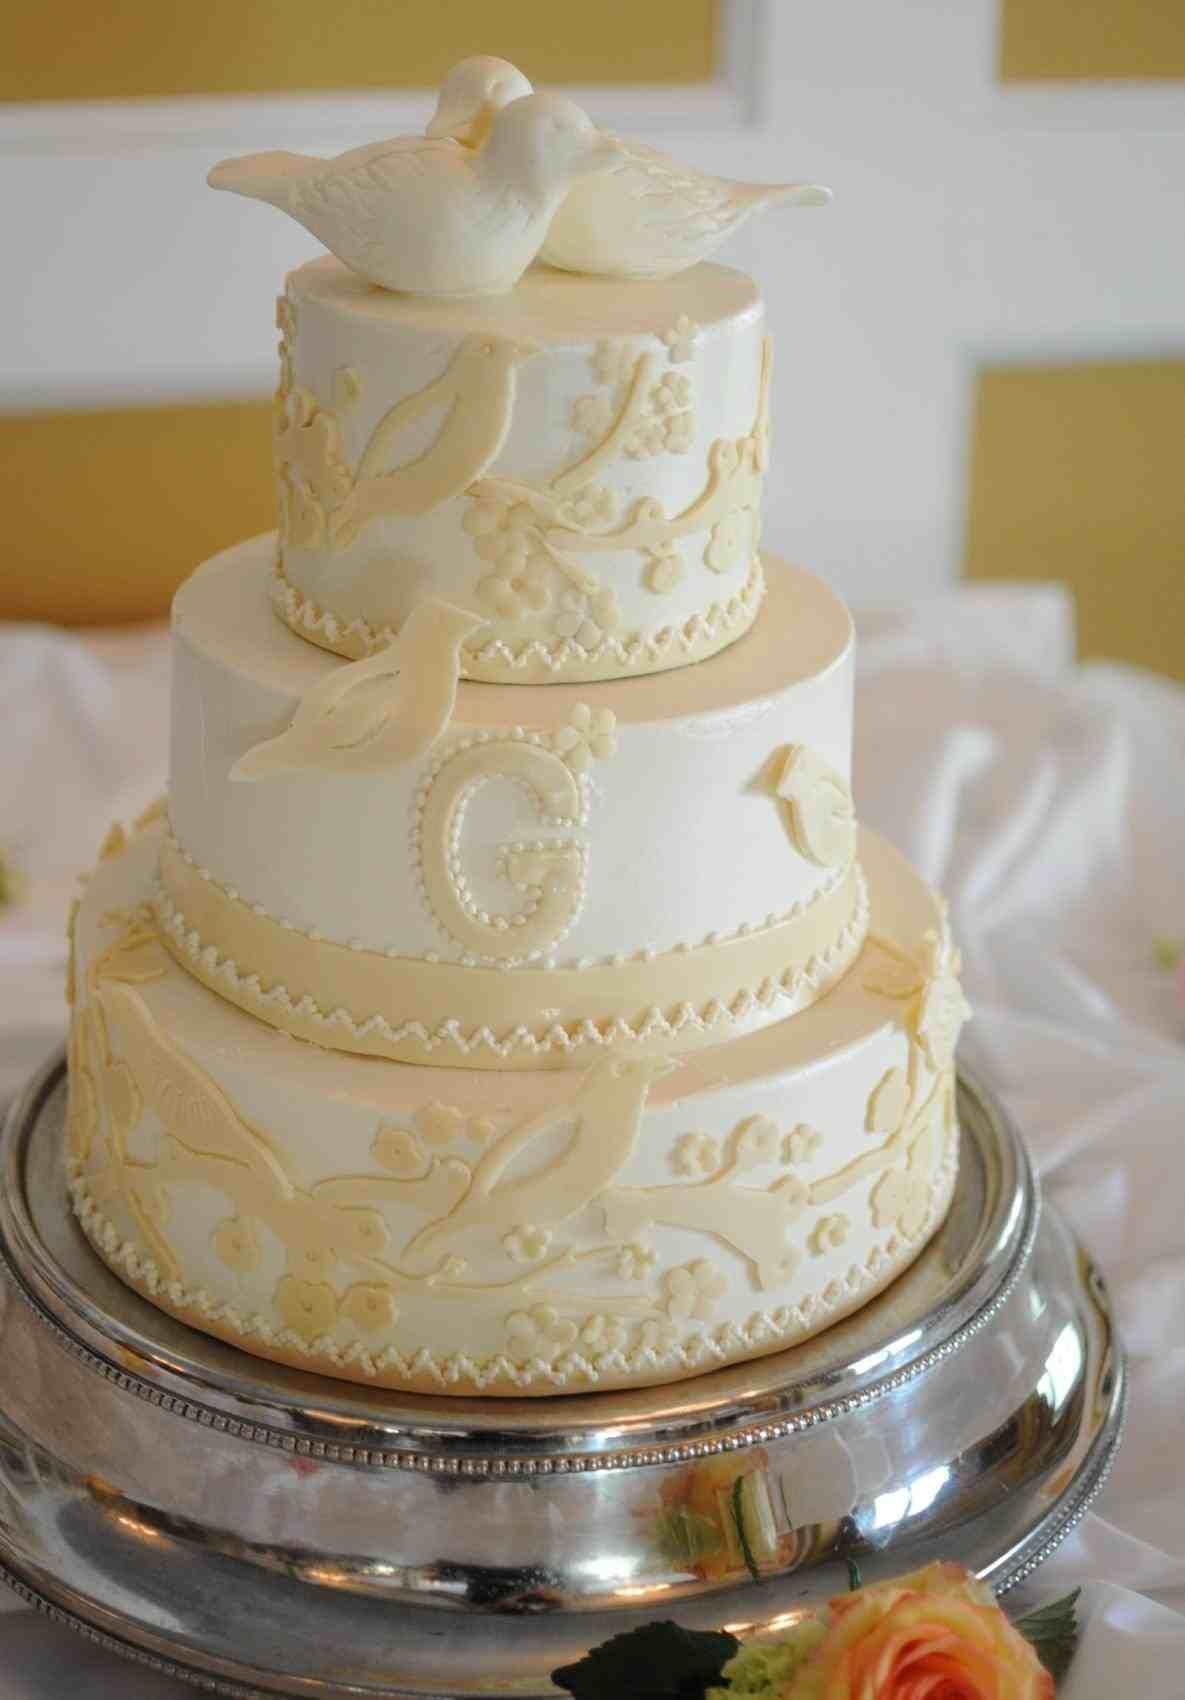 Traditional wedding cake decorations wedding cake pinterest